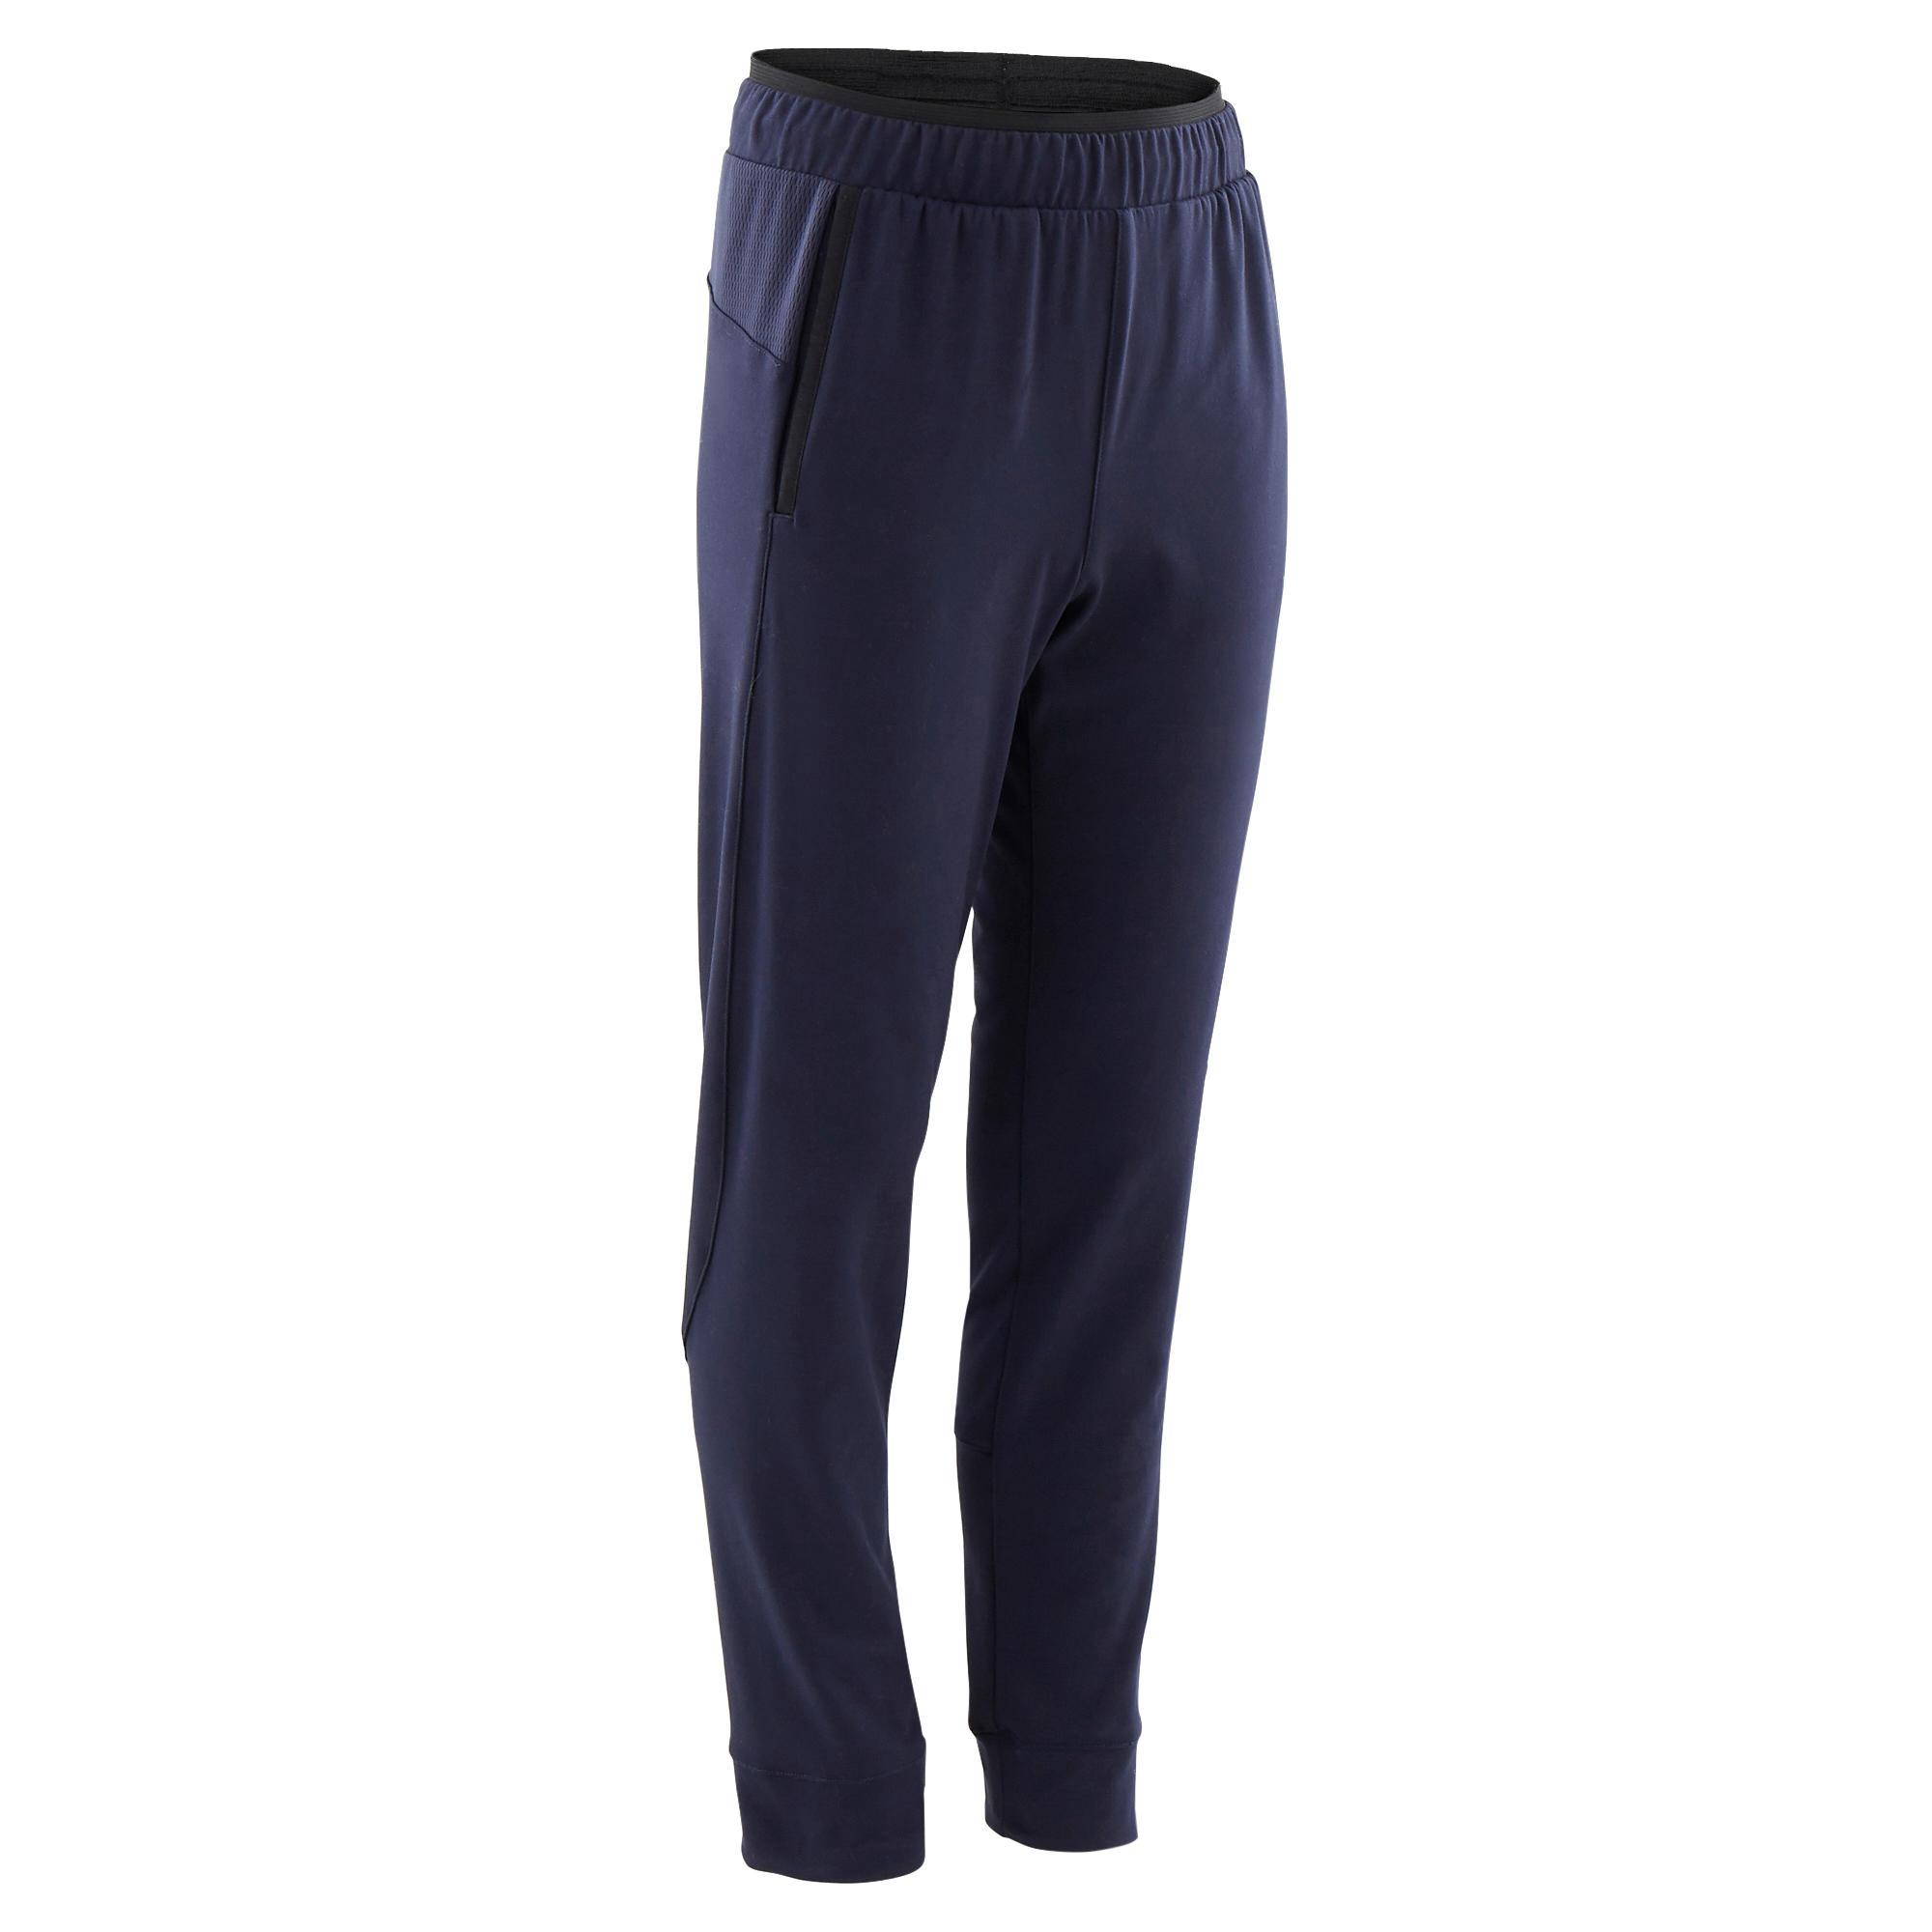 Pantalon 500 băieți